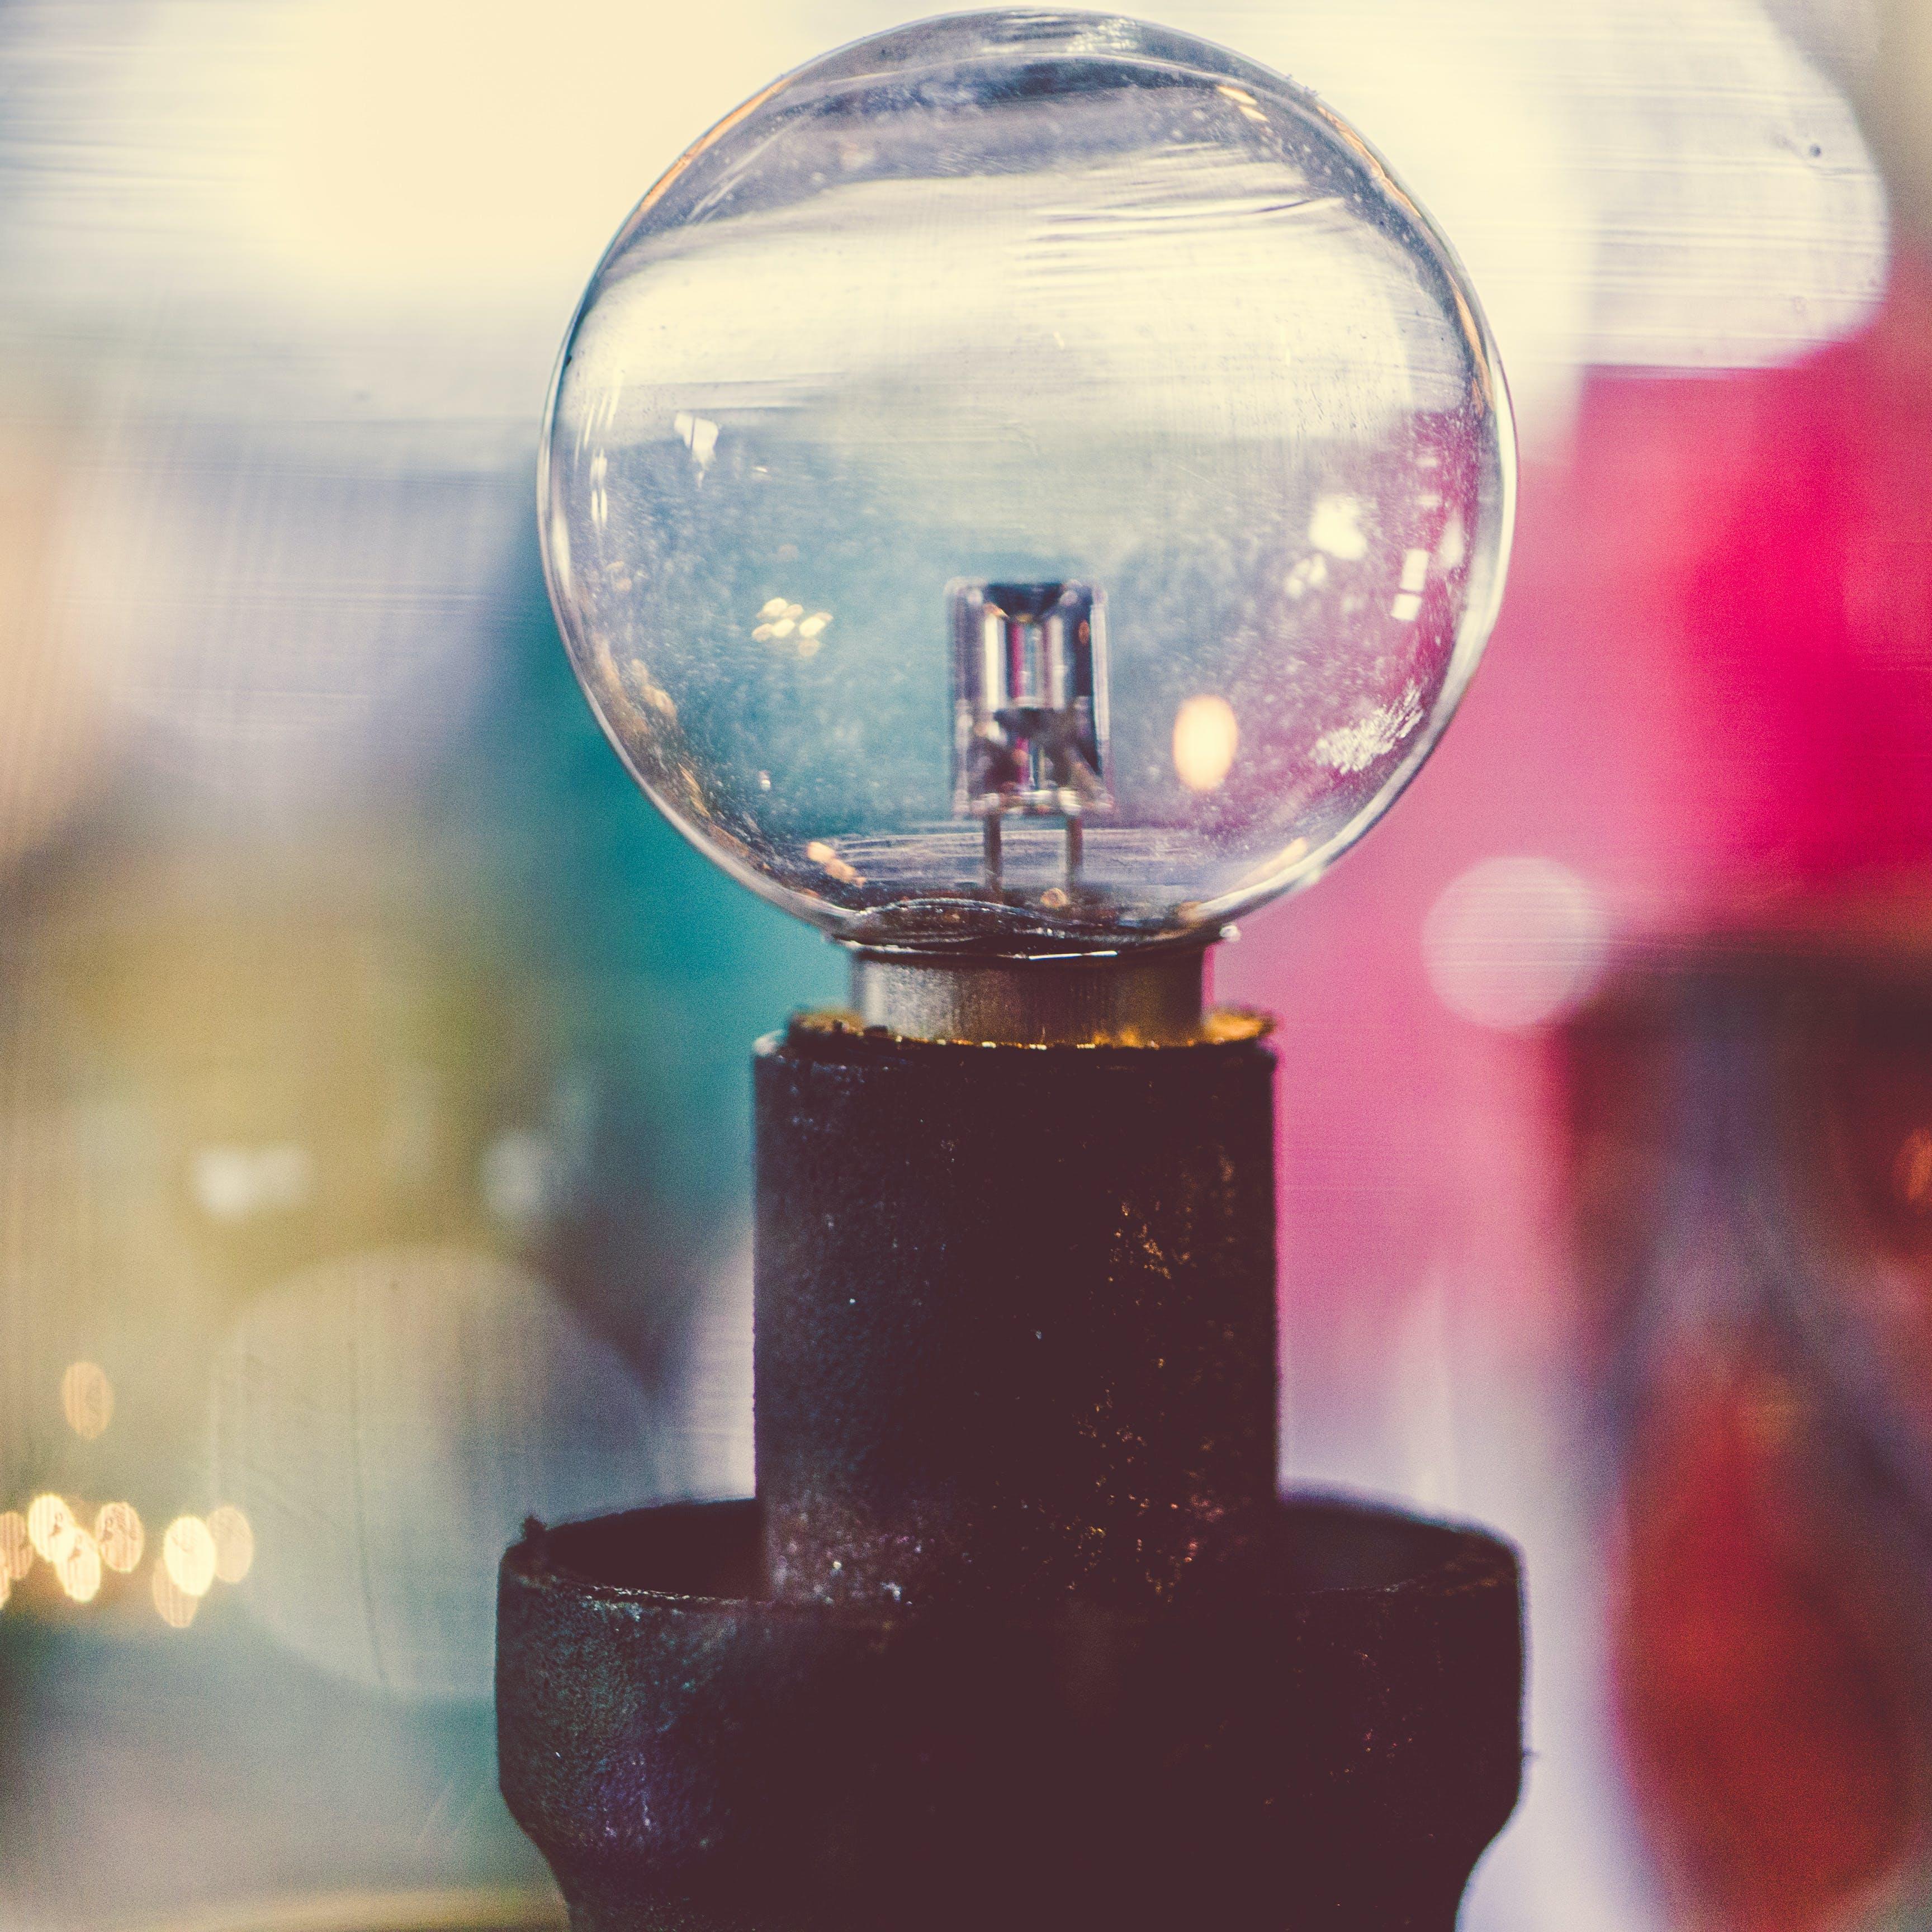 Kostenloses Stock Foto zu die glühbirne, glas, glühbirne, licht